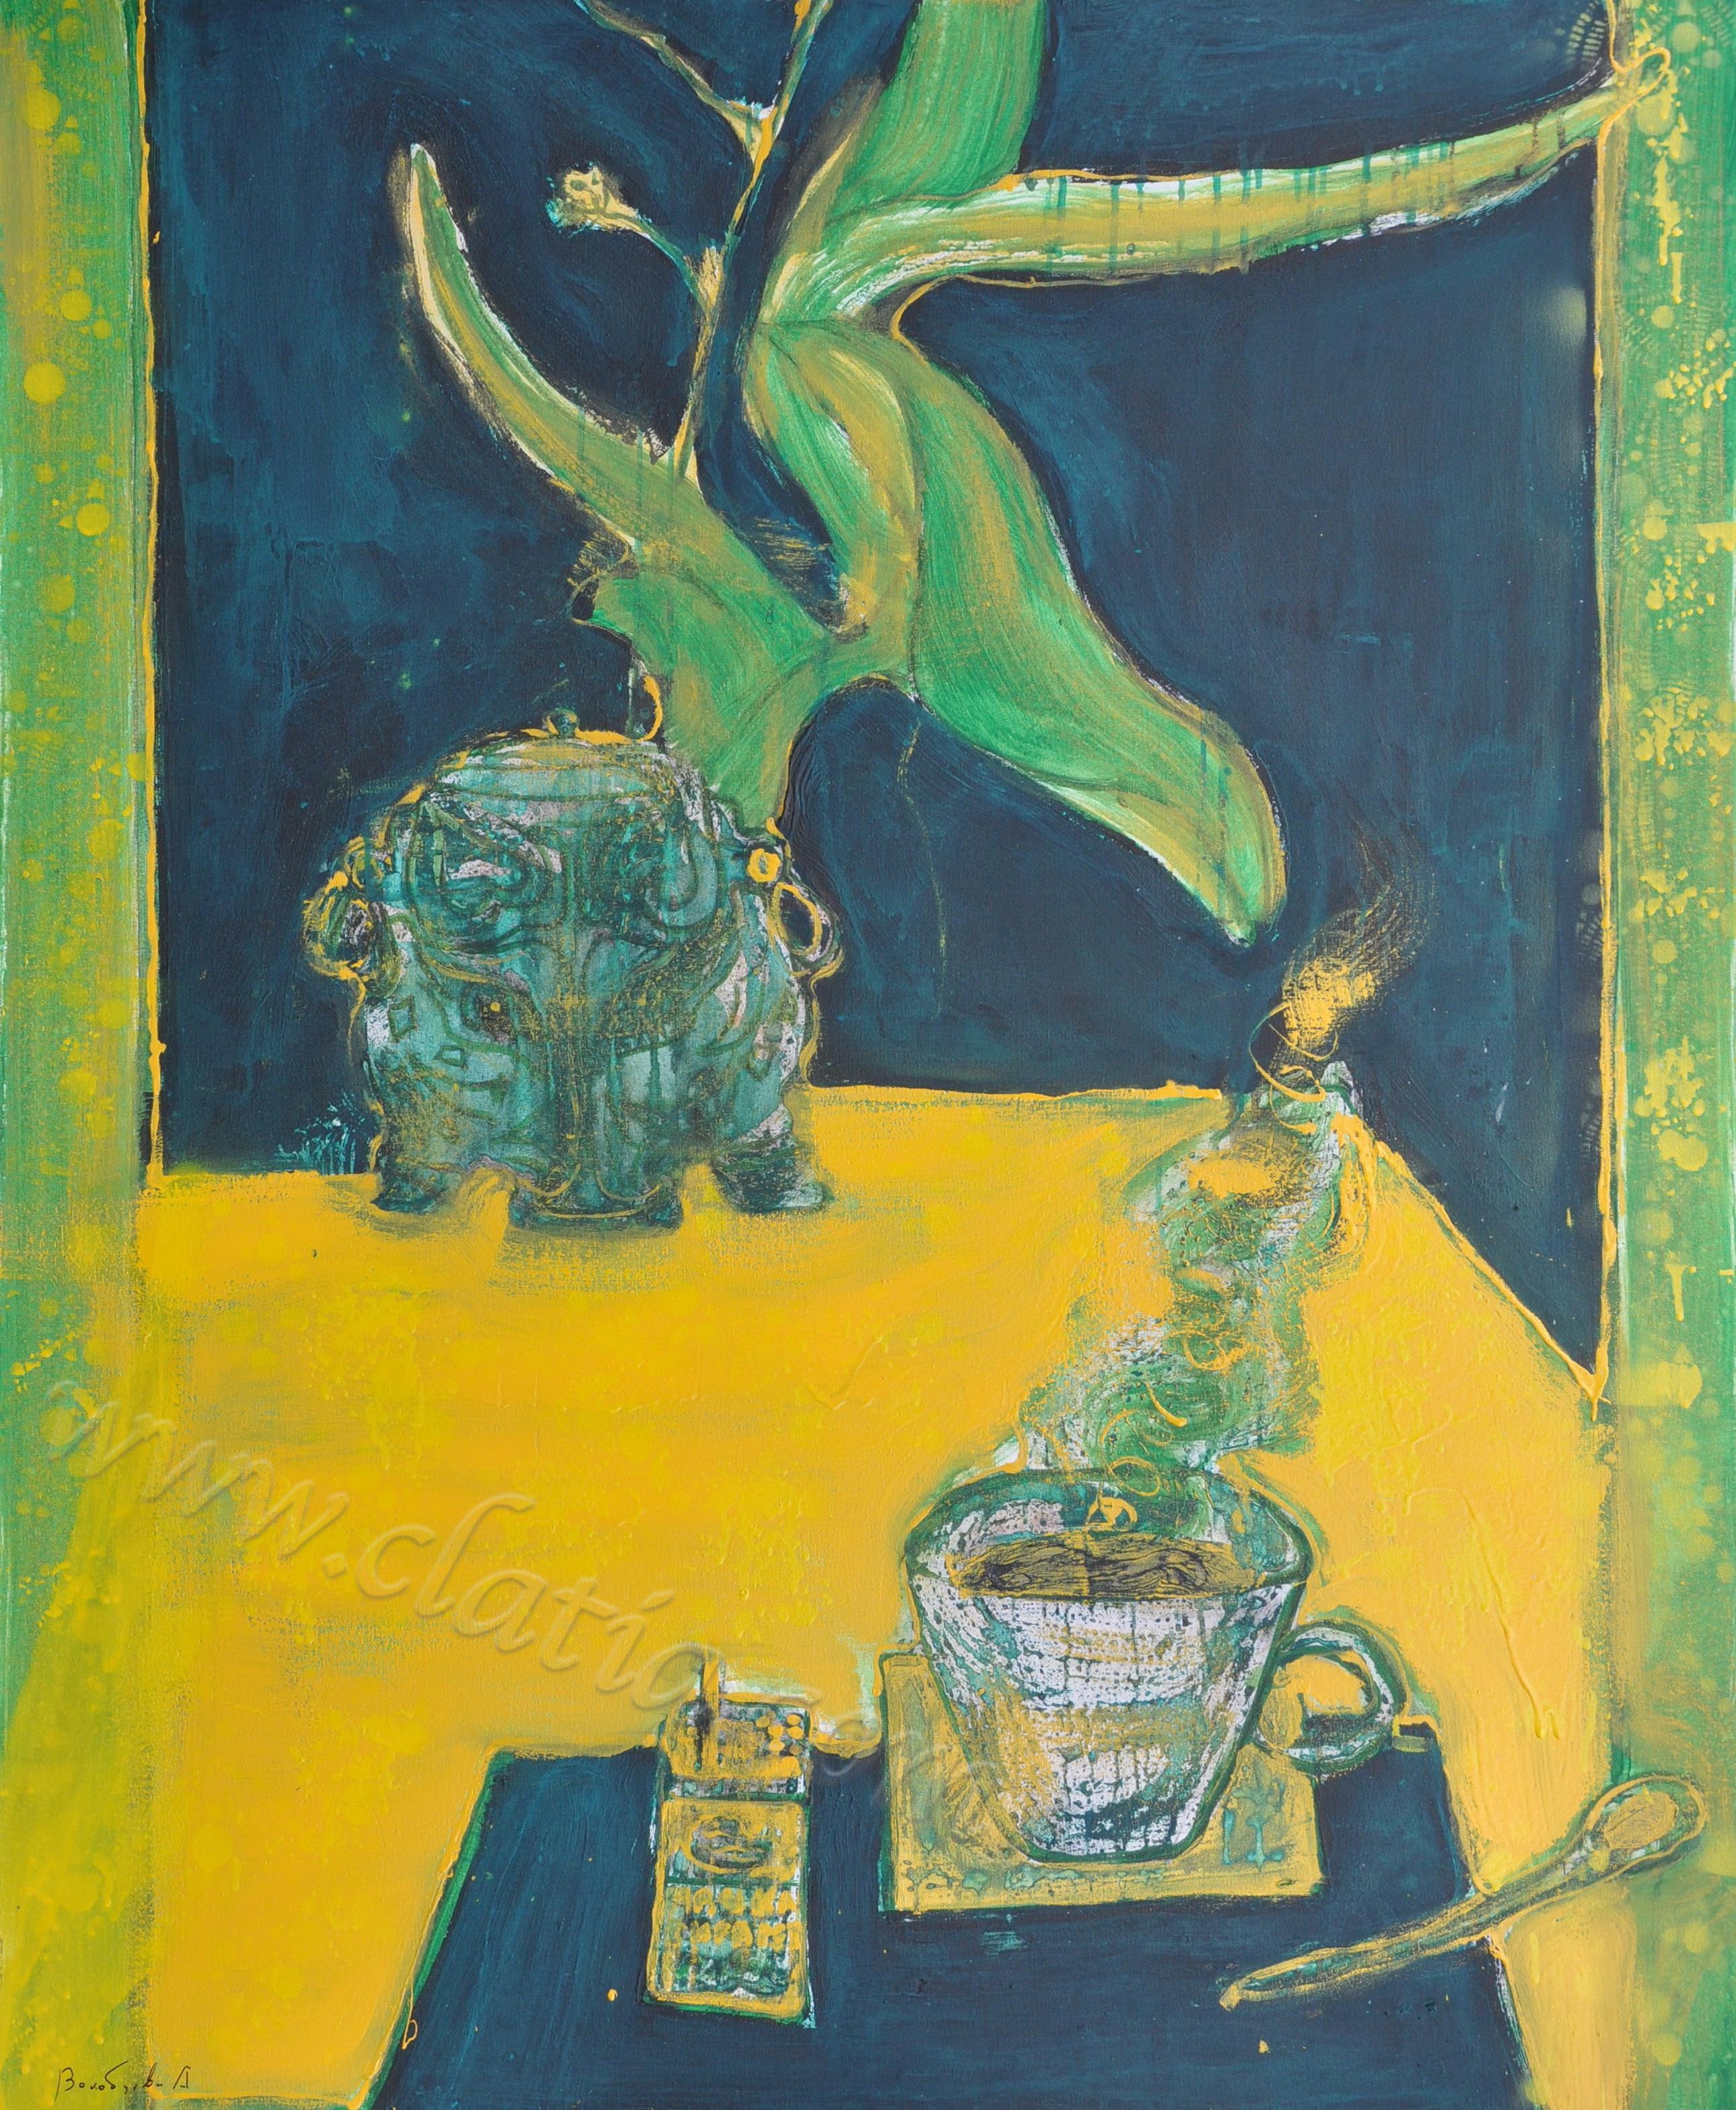 Зеленый чай х.м.110х90 2019